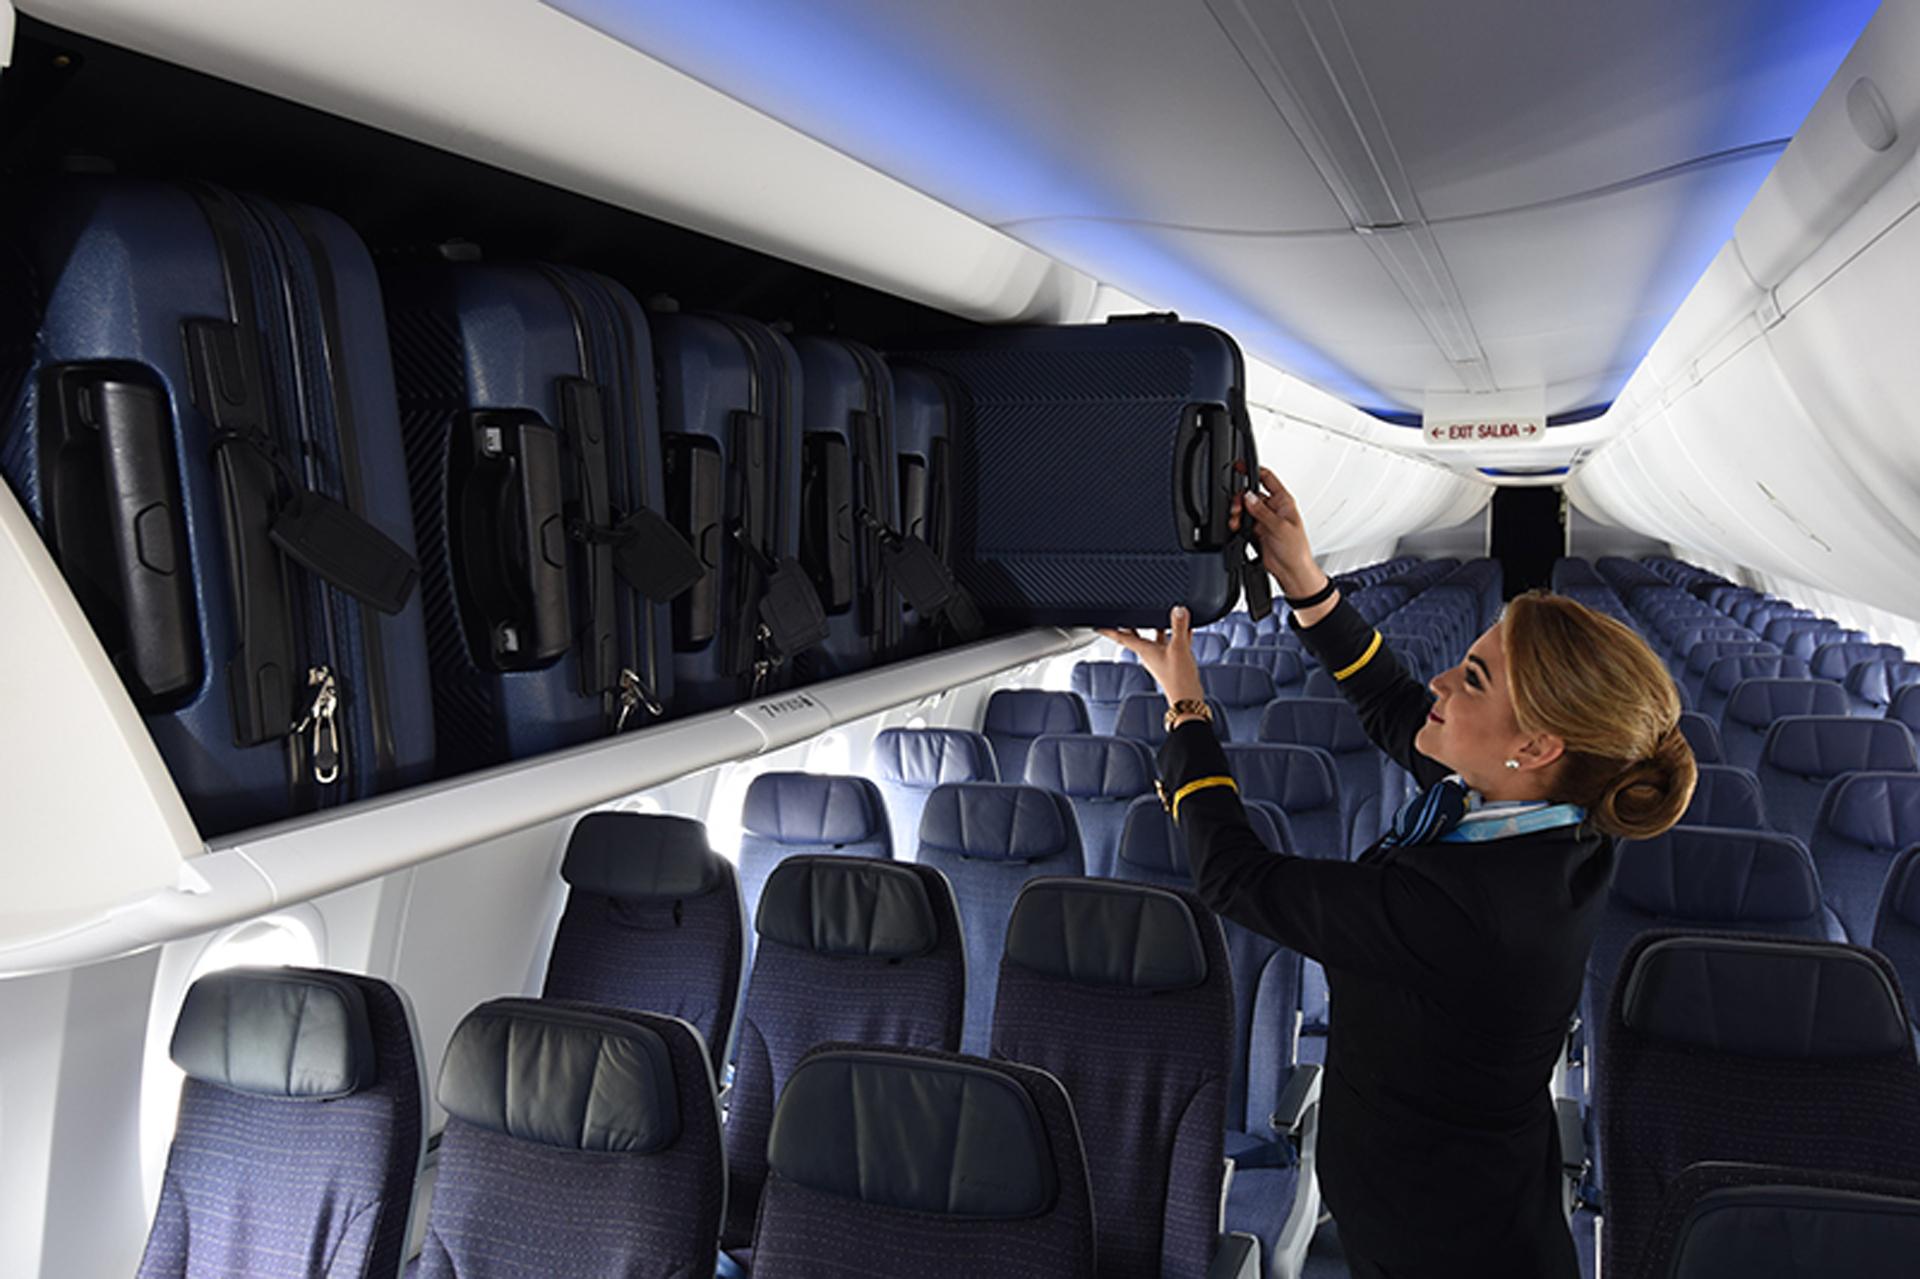 Los compartimentos superiores para equipaje de mano tienen cerca de un 50% de más espacio.